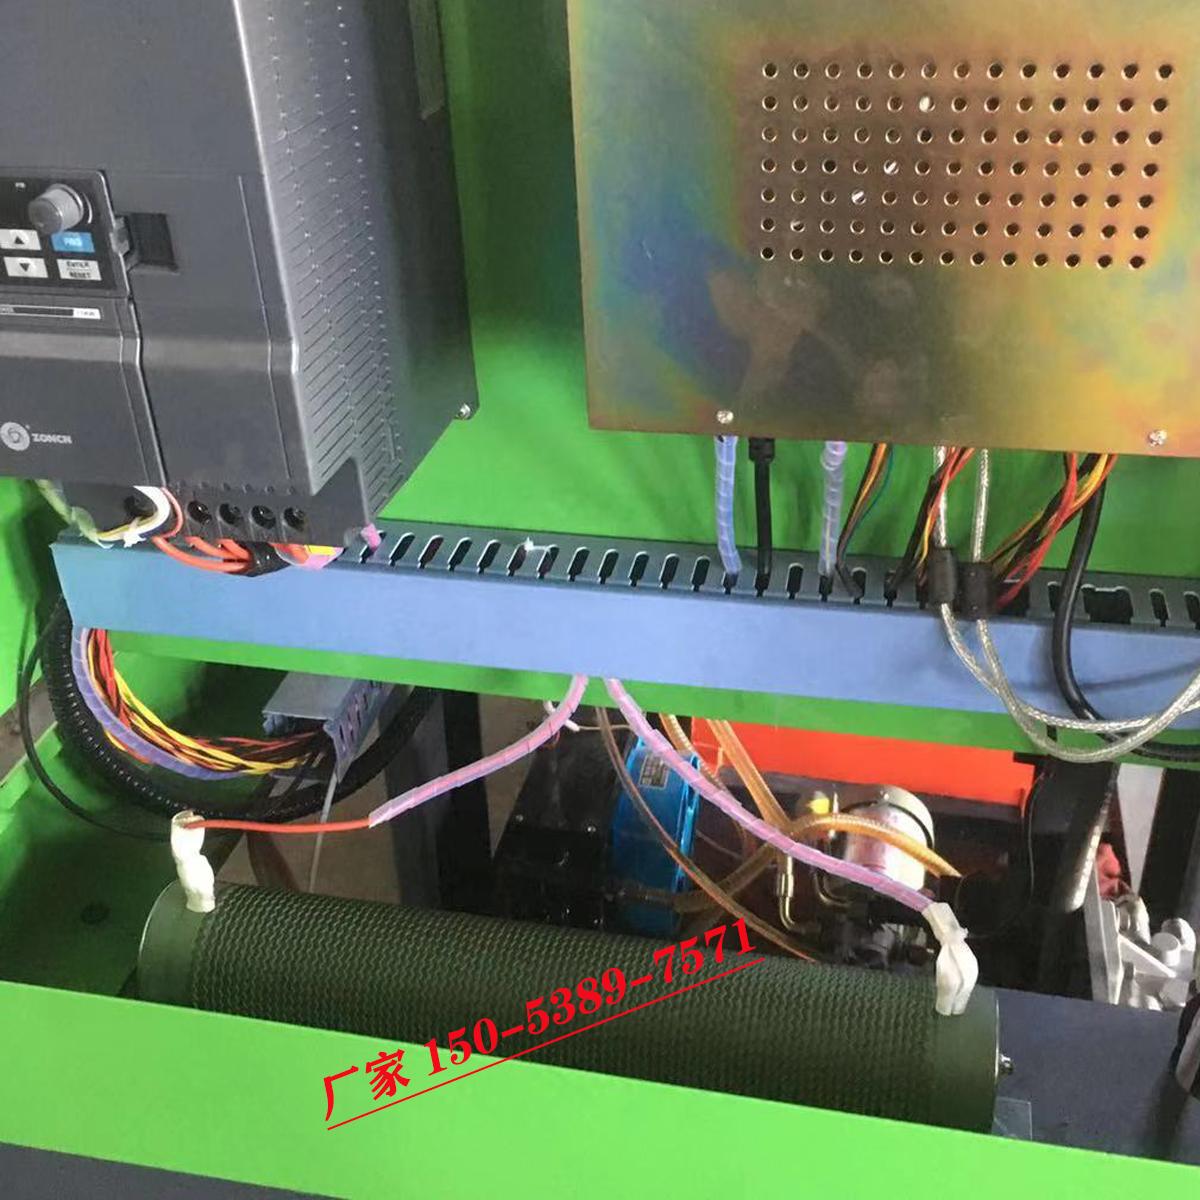 厂家批发价高压共轨电喷实验设备  品质可信赖 山东泰安高压共轨试验台厂家CRS92618.5KW